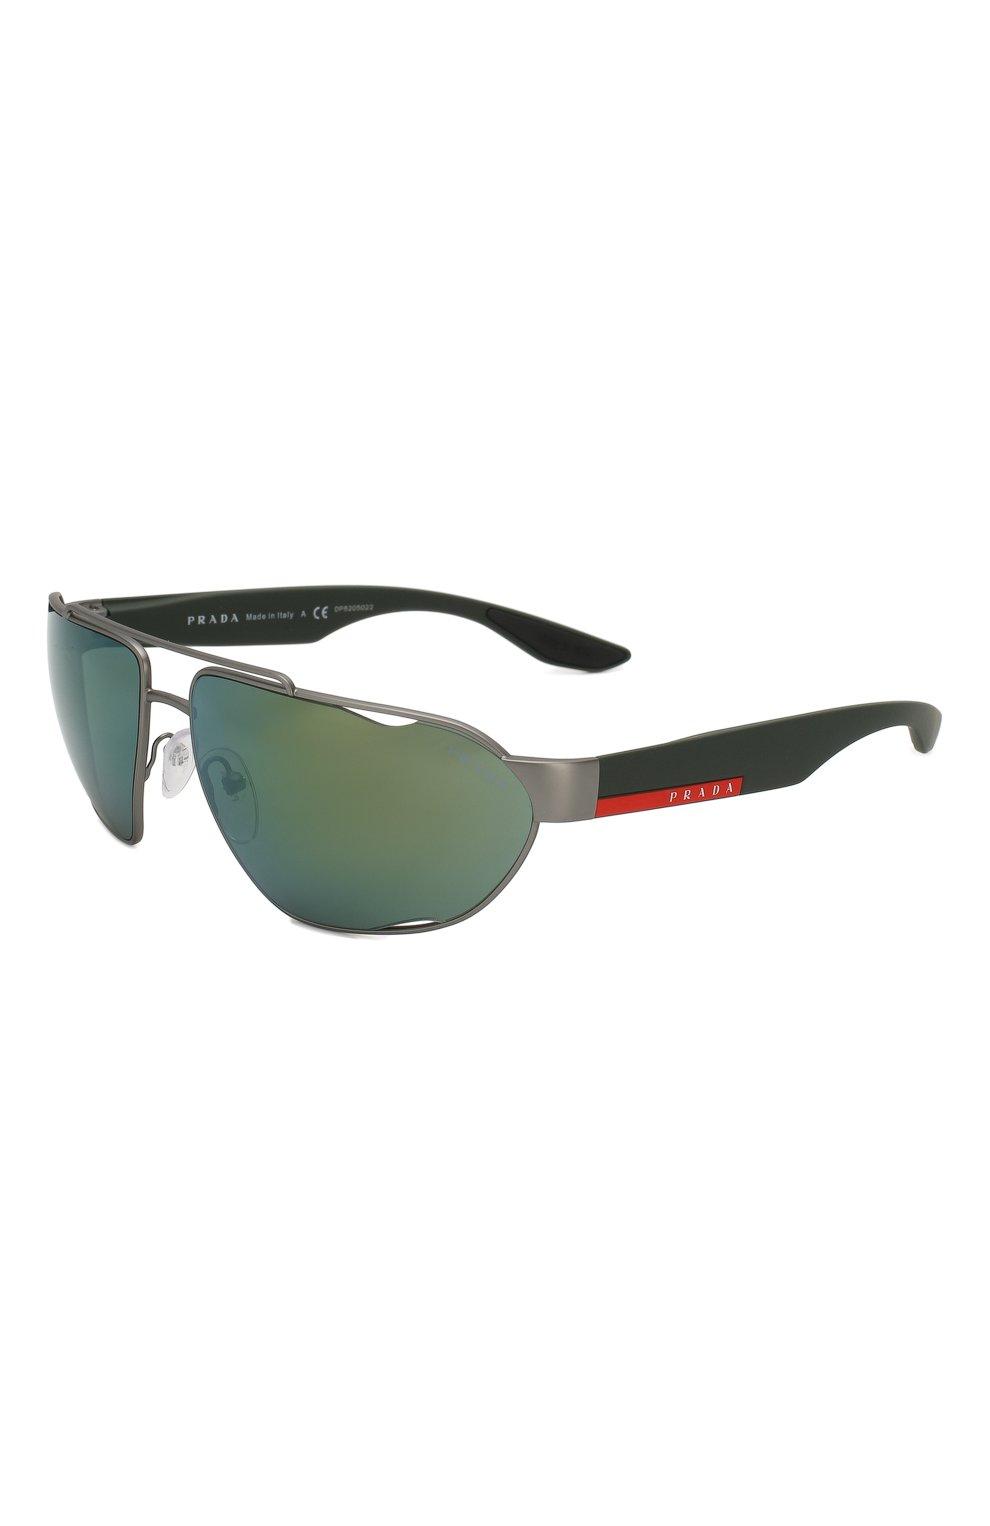 Мужские солнцезащитные очки PRADA LINEA ROSSA темно-серого цвета, арт. 56US-DG13C0 | Фото 1